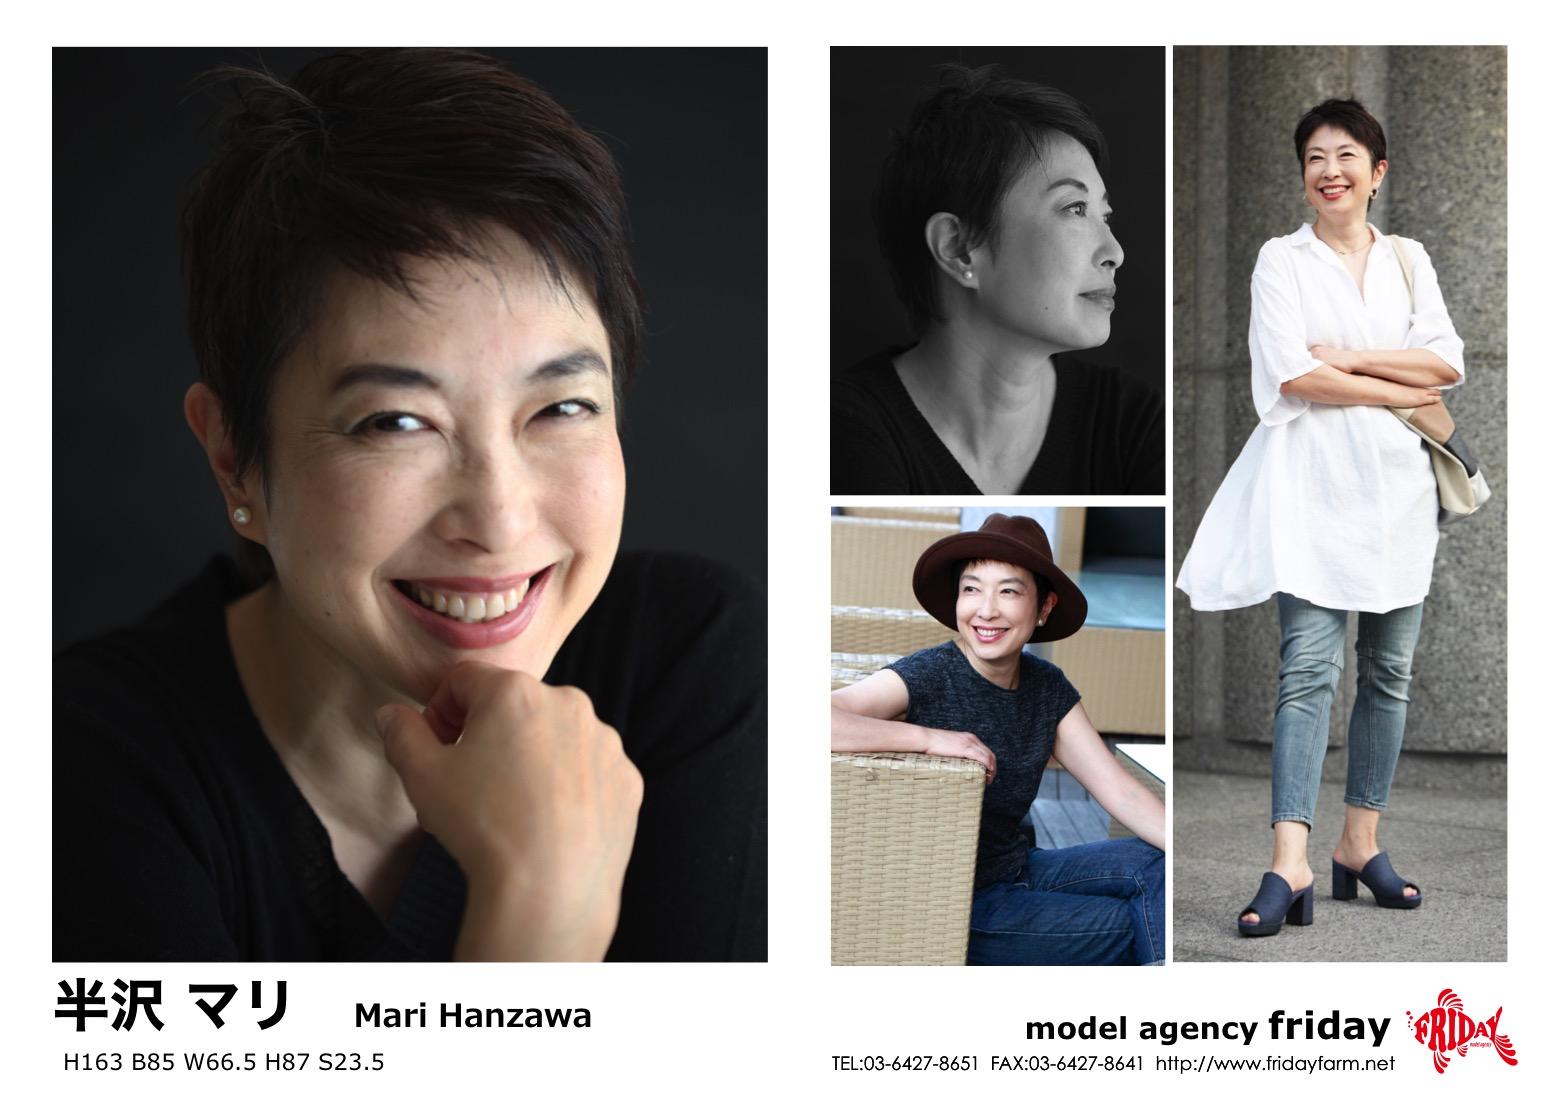 半沢マリ - Mari Hanzawa   model agency friday